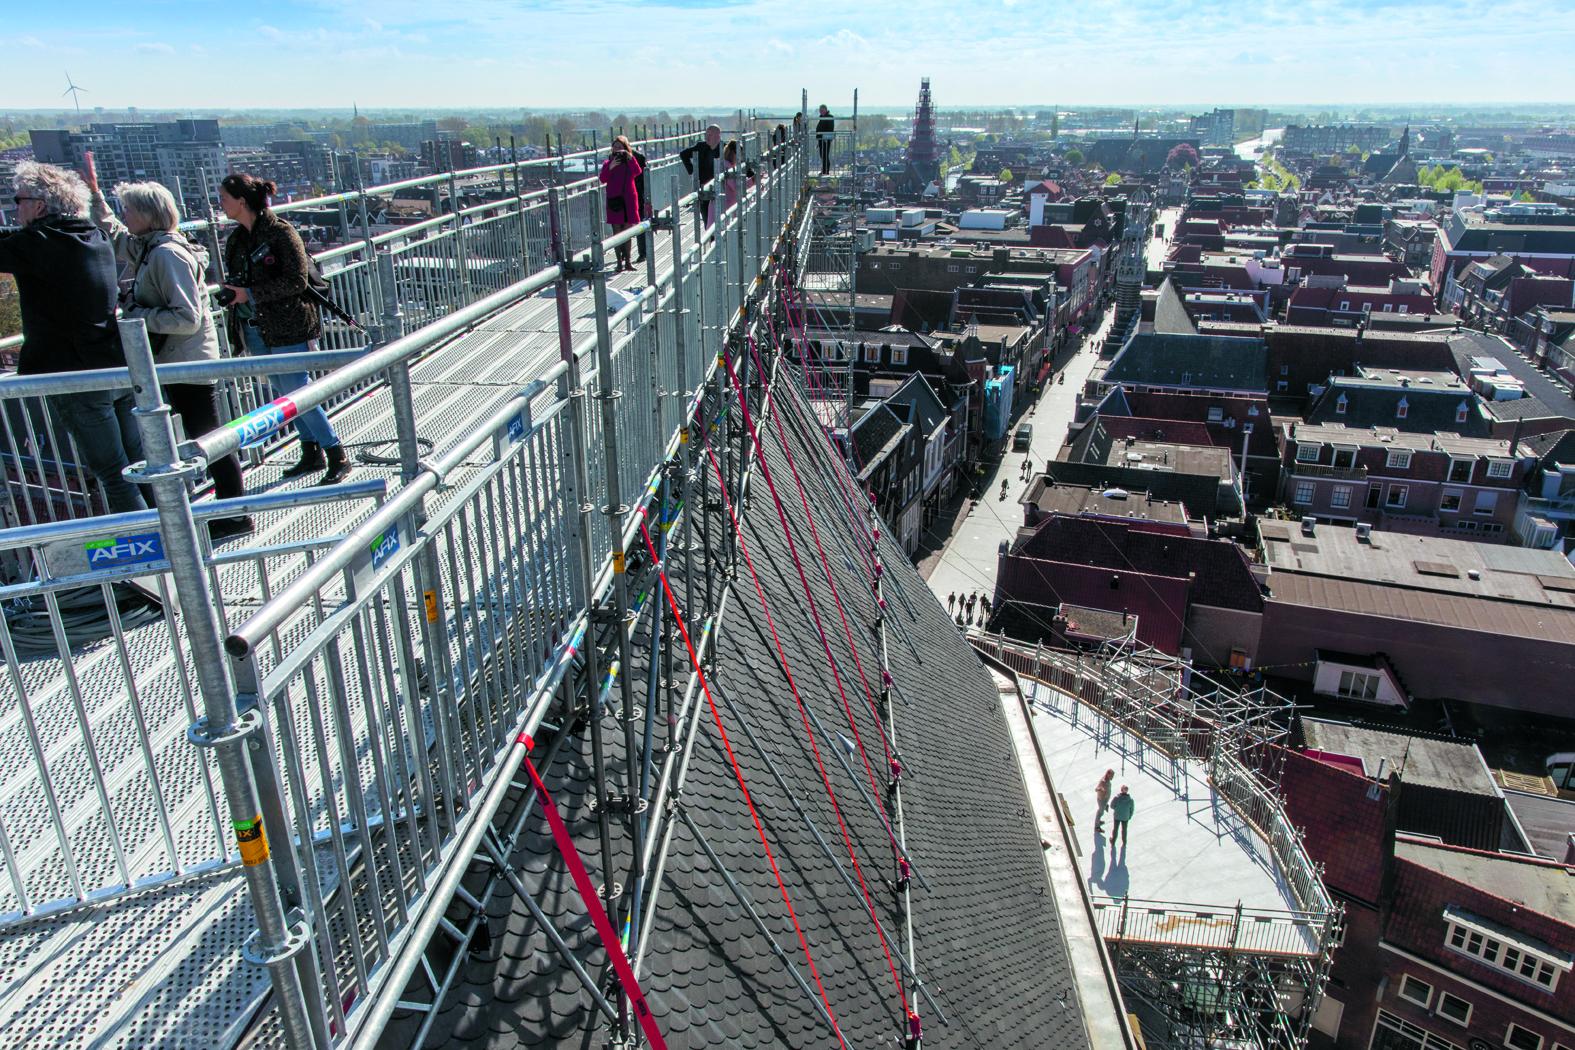 Het indrukwekkende uitzicht vanaf de Grote Kerk. (foto Vincent de Vries/ Rodi Media)